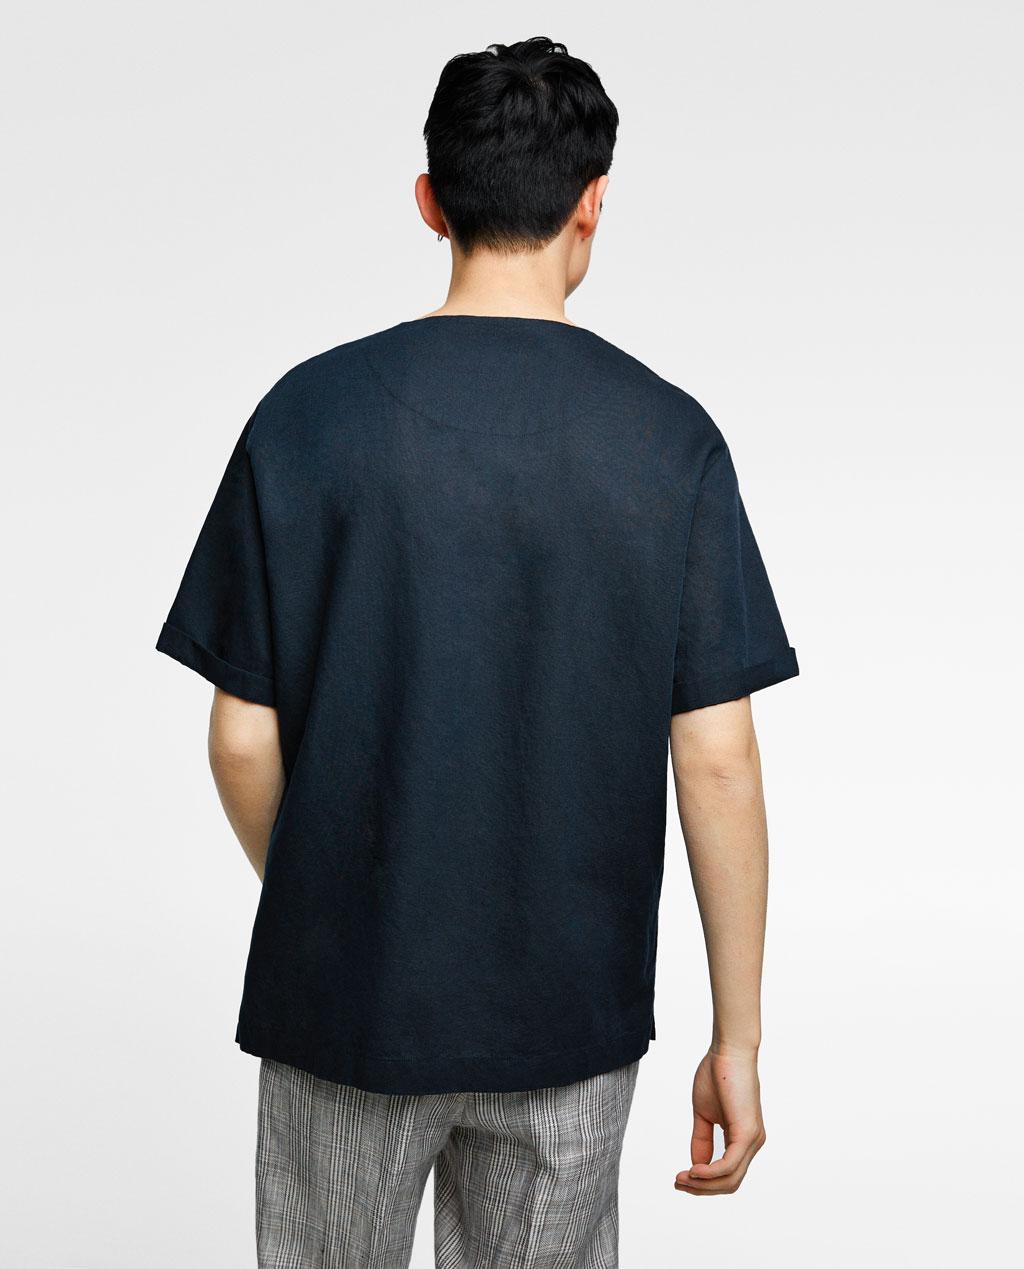 Thời trang nam ZARA T 07545451401  23870 - ảnh 5